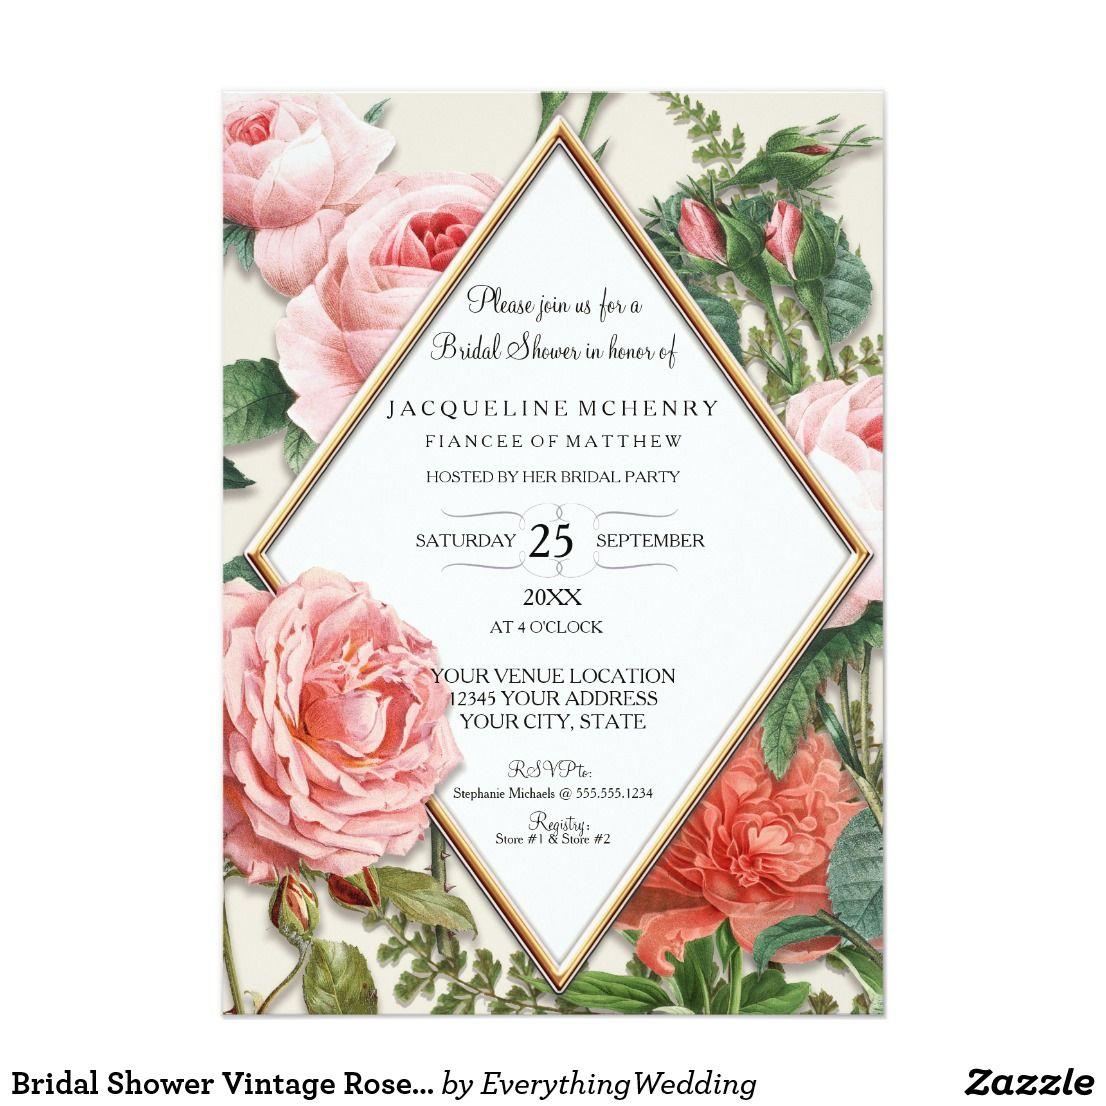 Bridal Shower Vintage Roses Floral Rose Gold Taupe Card